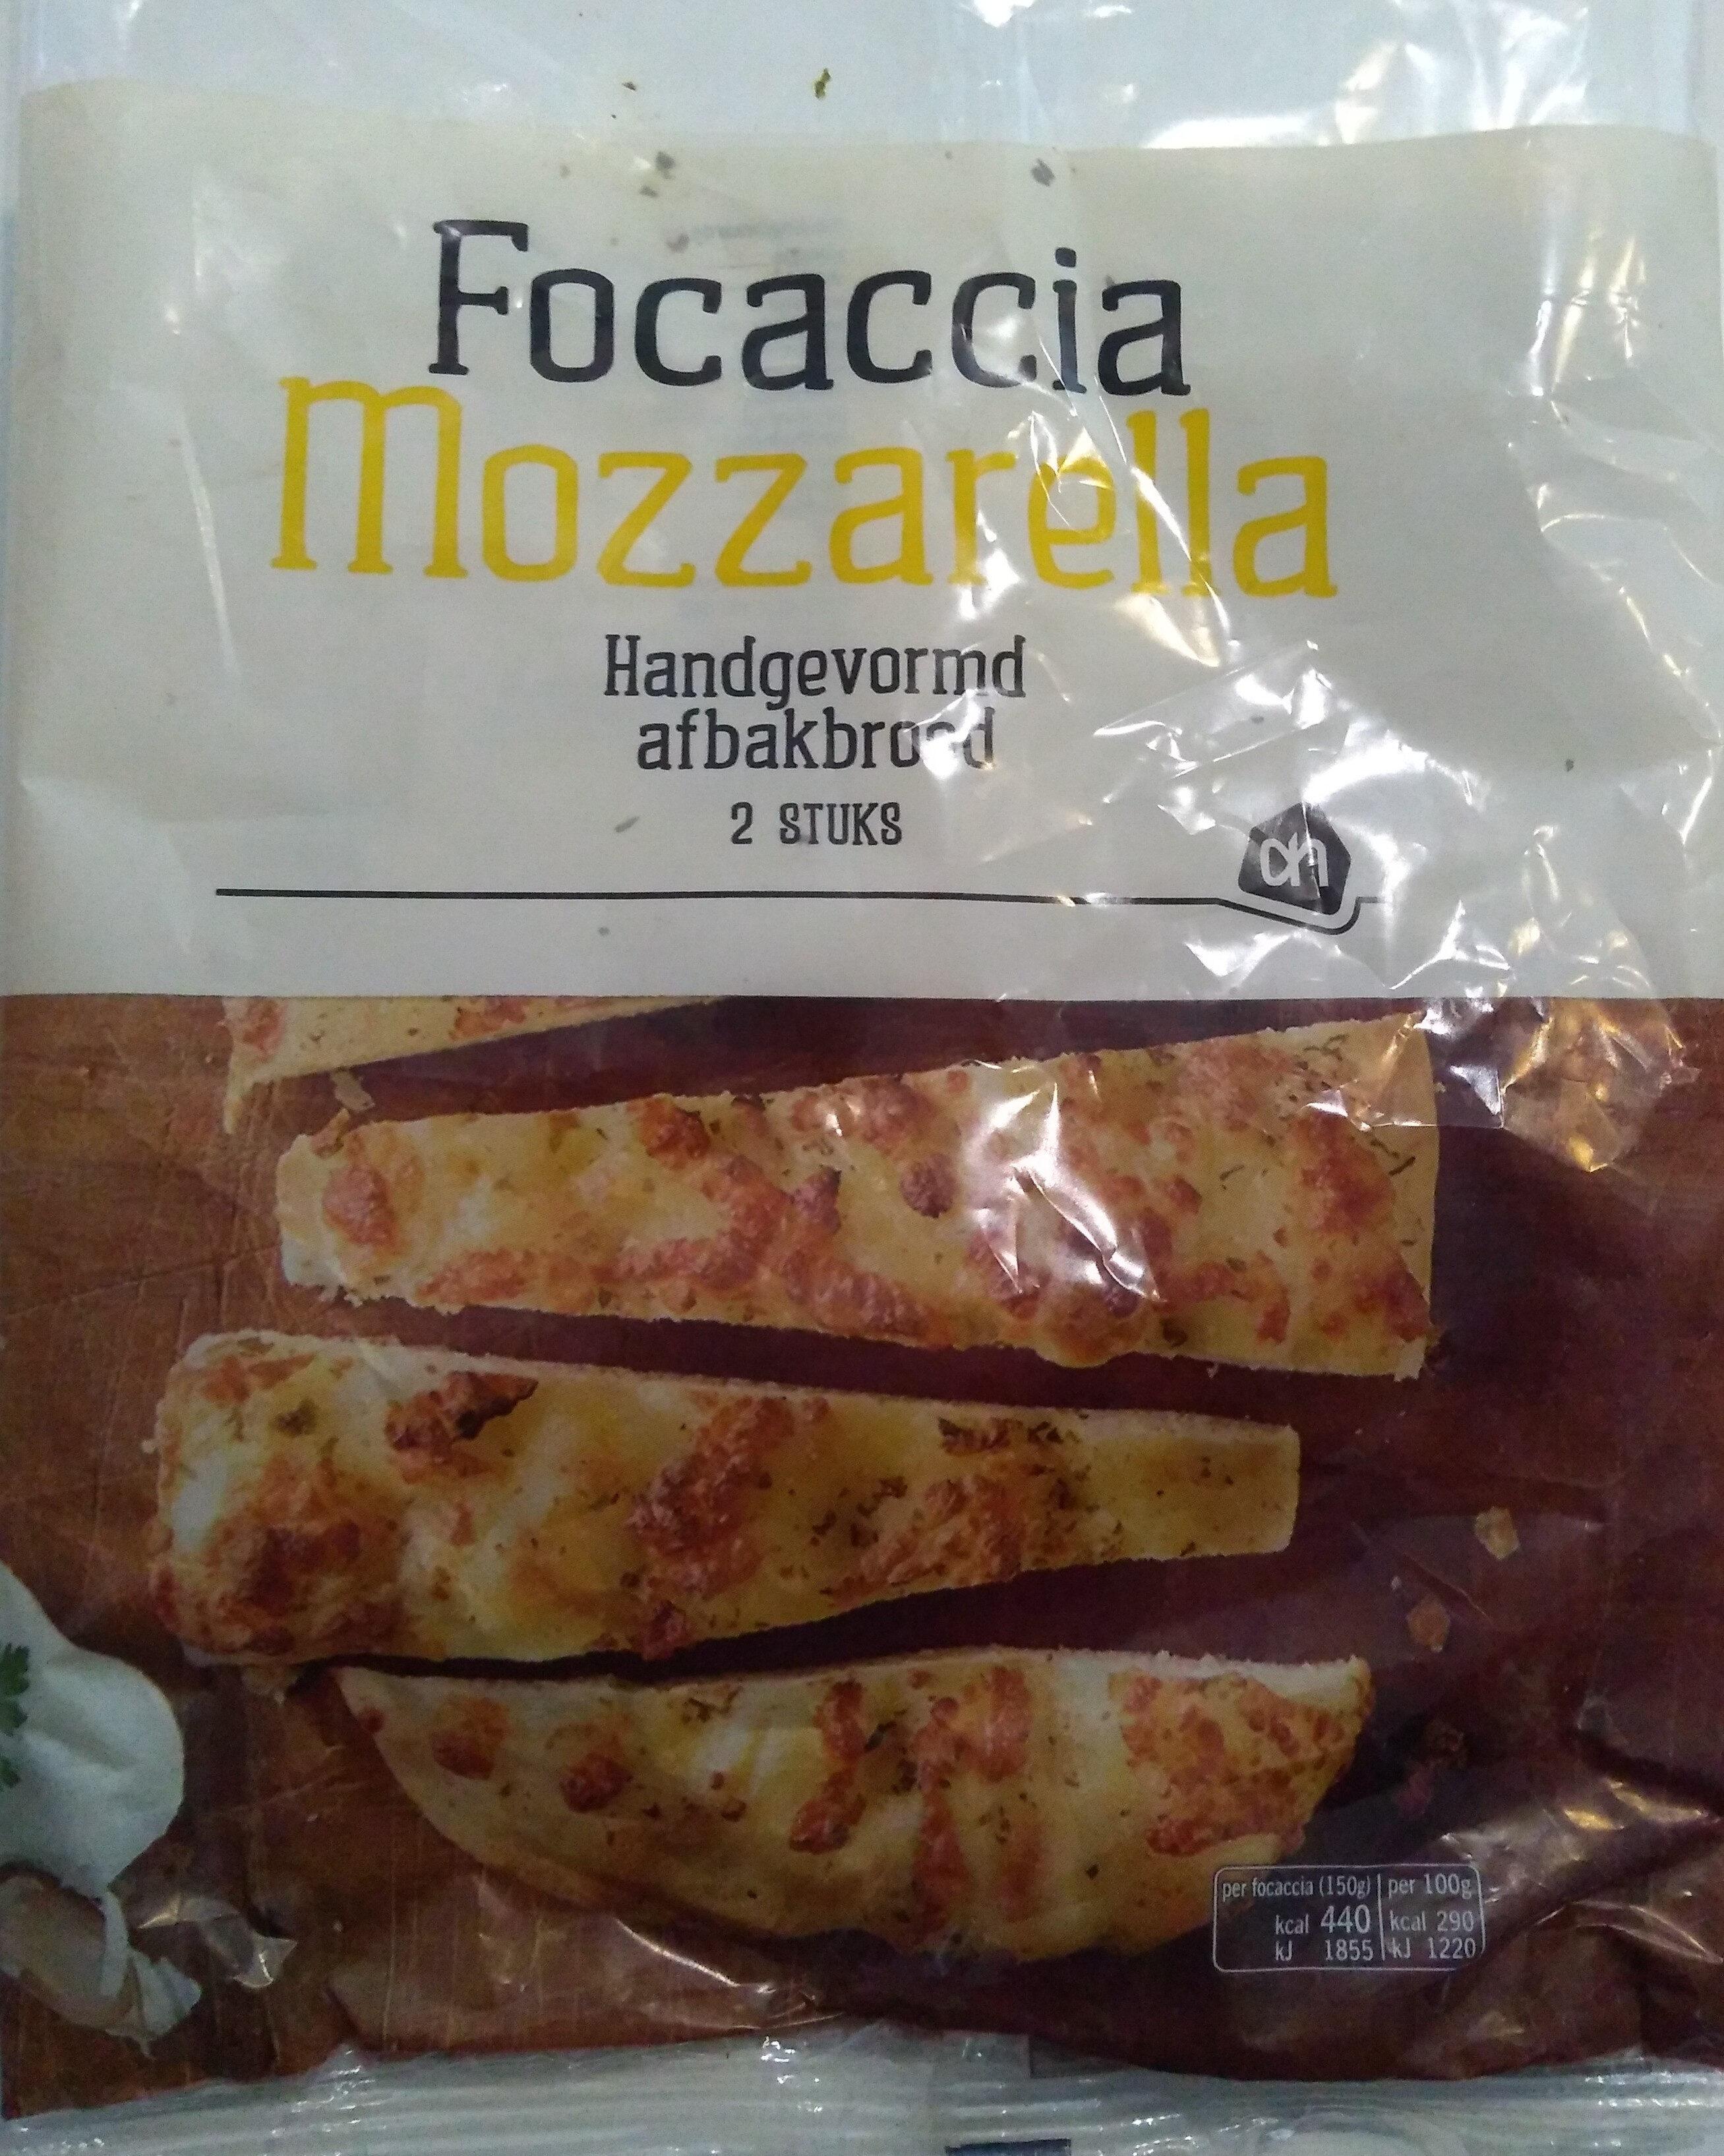 Focaccia Mozzarella - Product